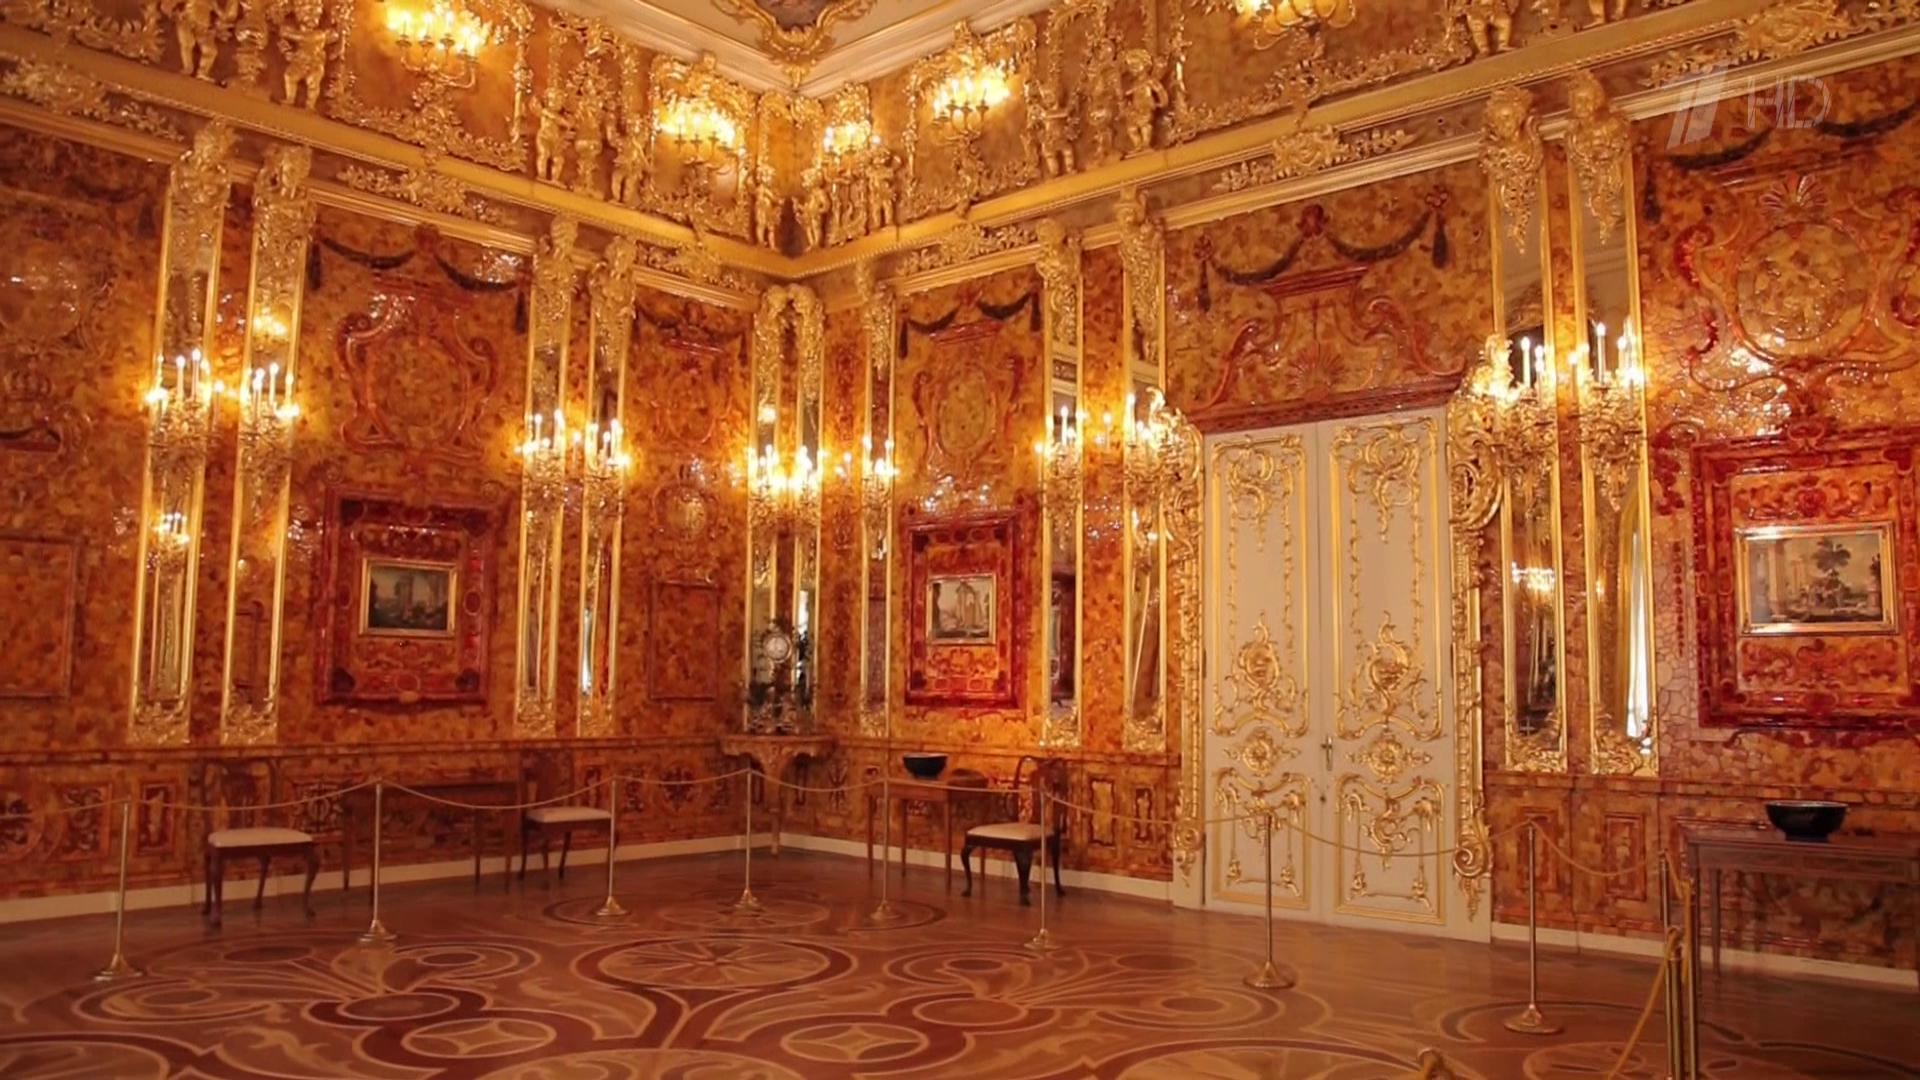 Galleryru / янтарная комната - царское село, янтарная комната- май 2012 - mishinv